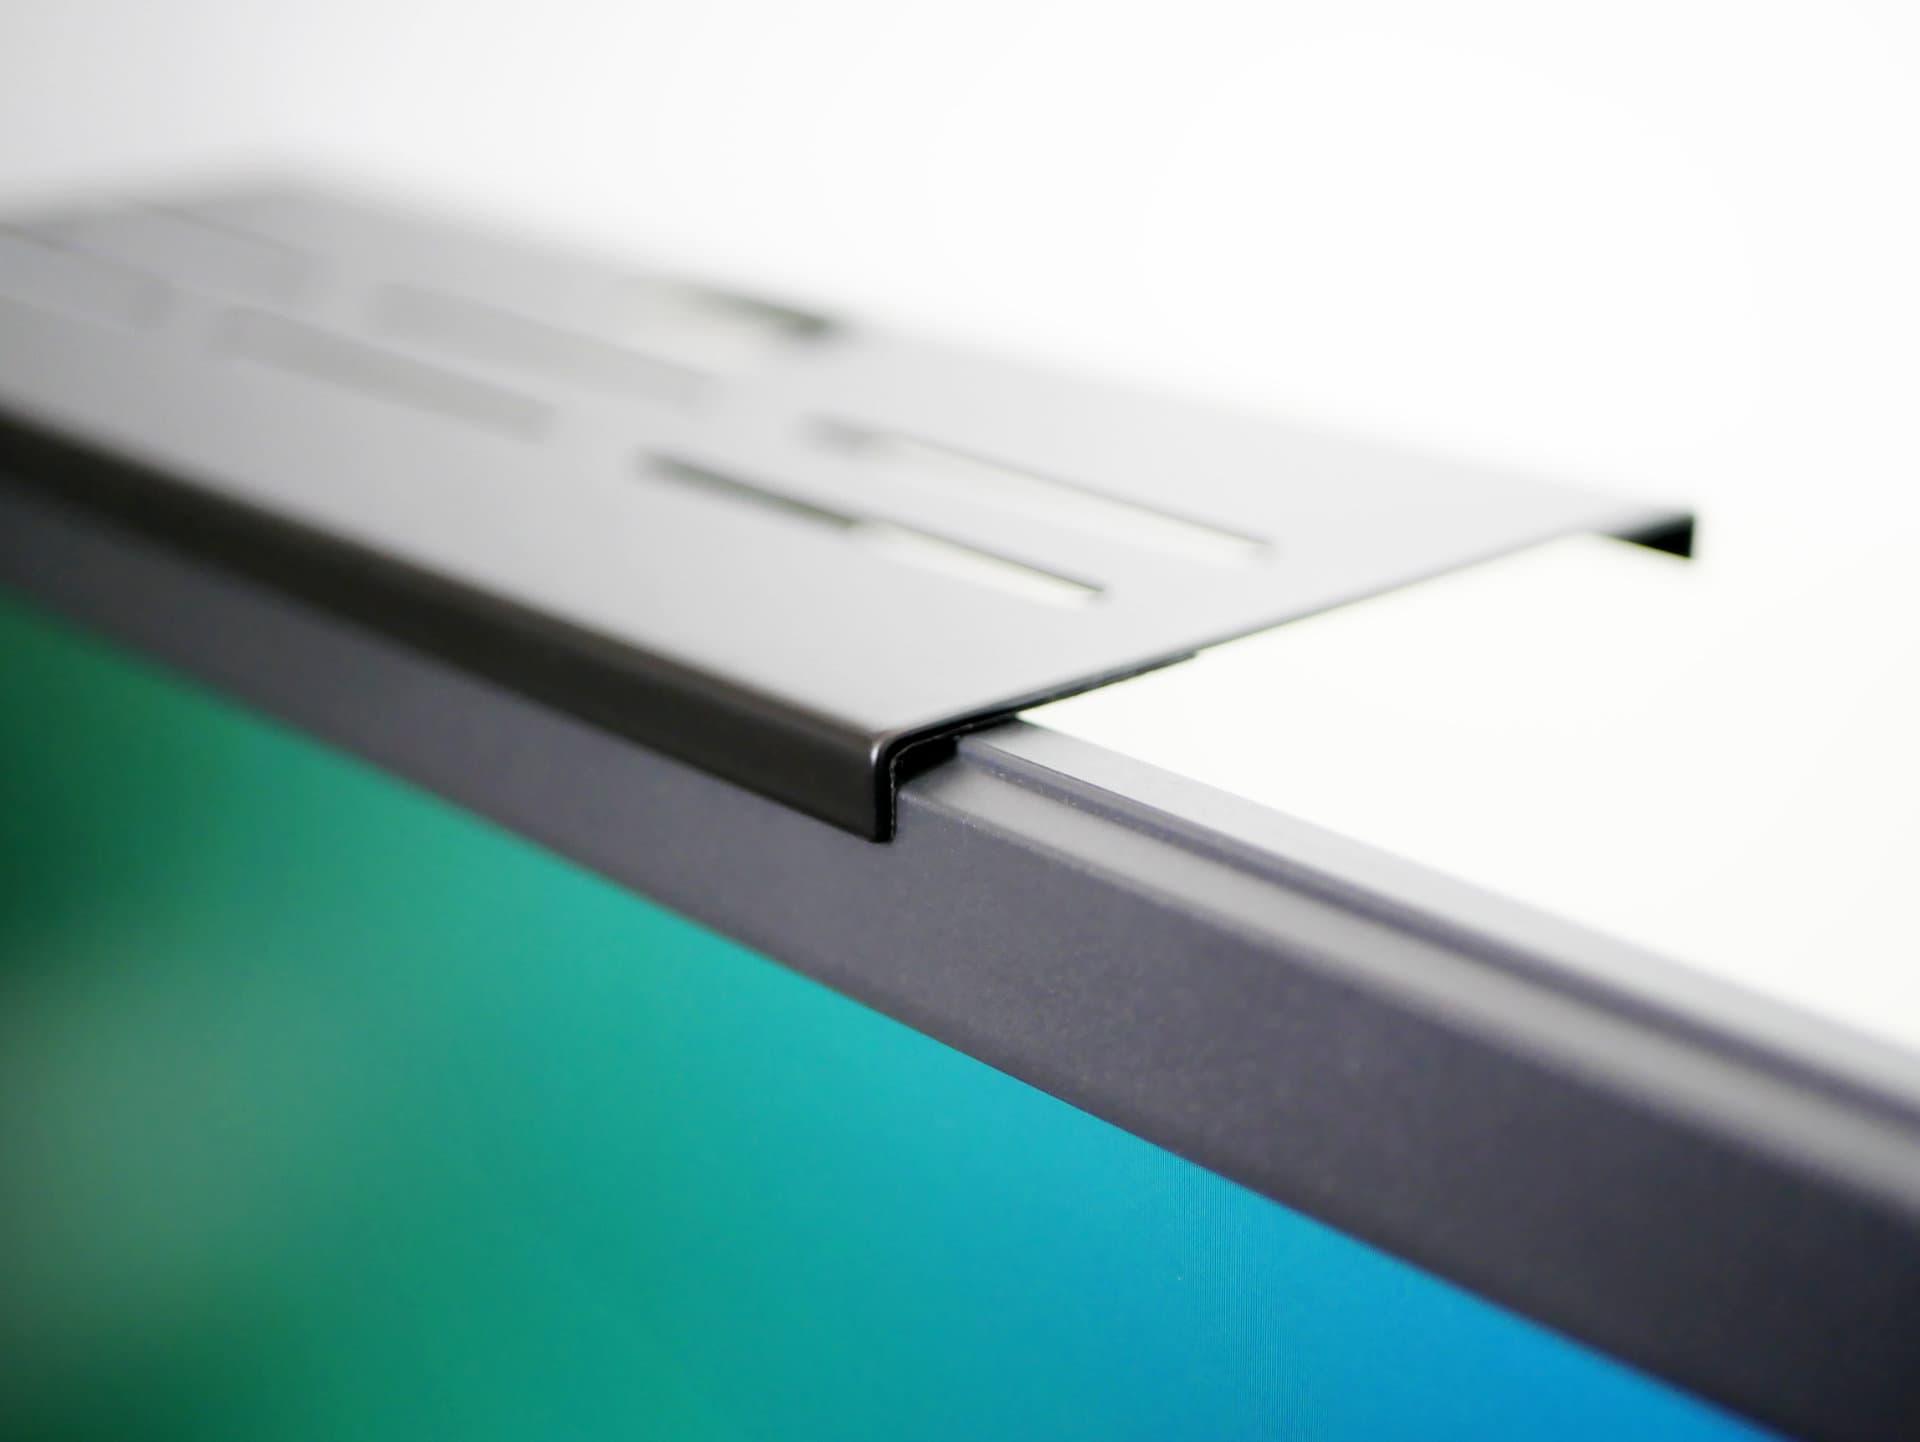 ELECOM ディスプレイボードをディスプレイ上部に引っかける